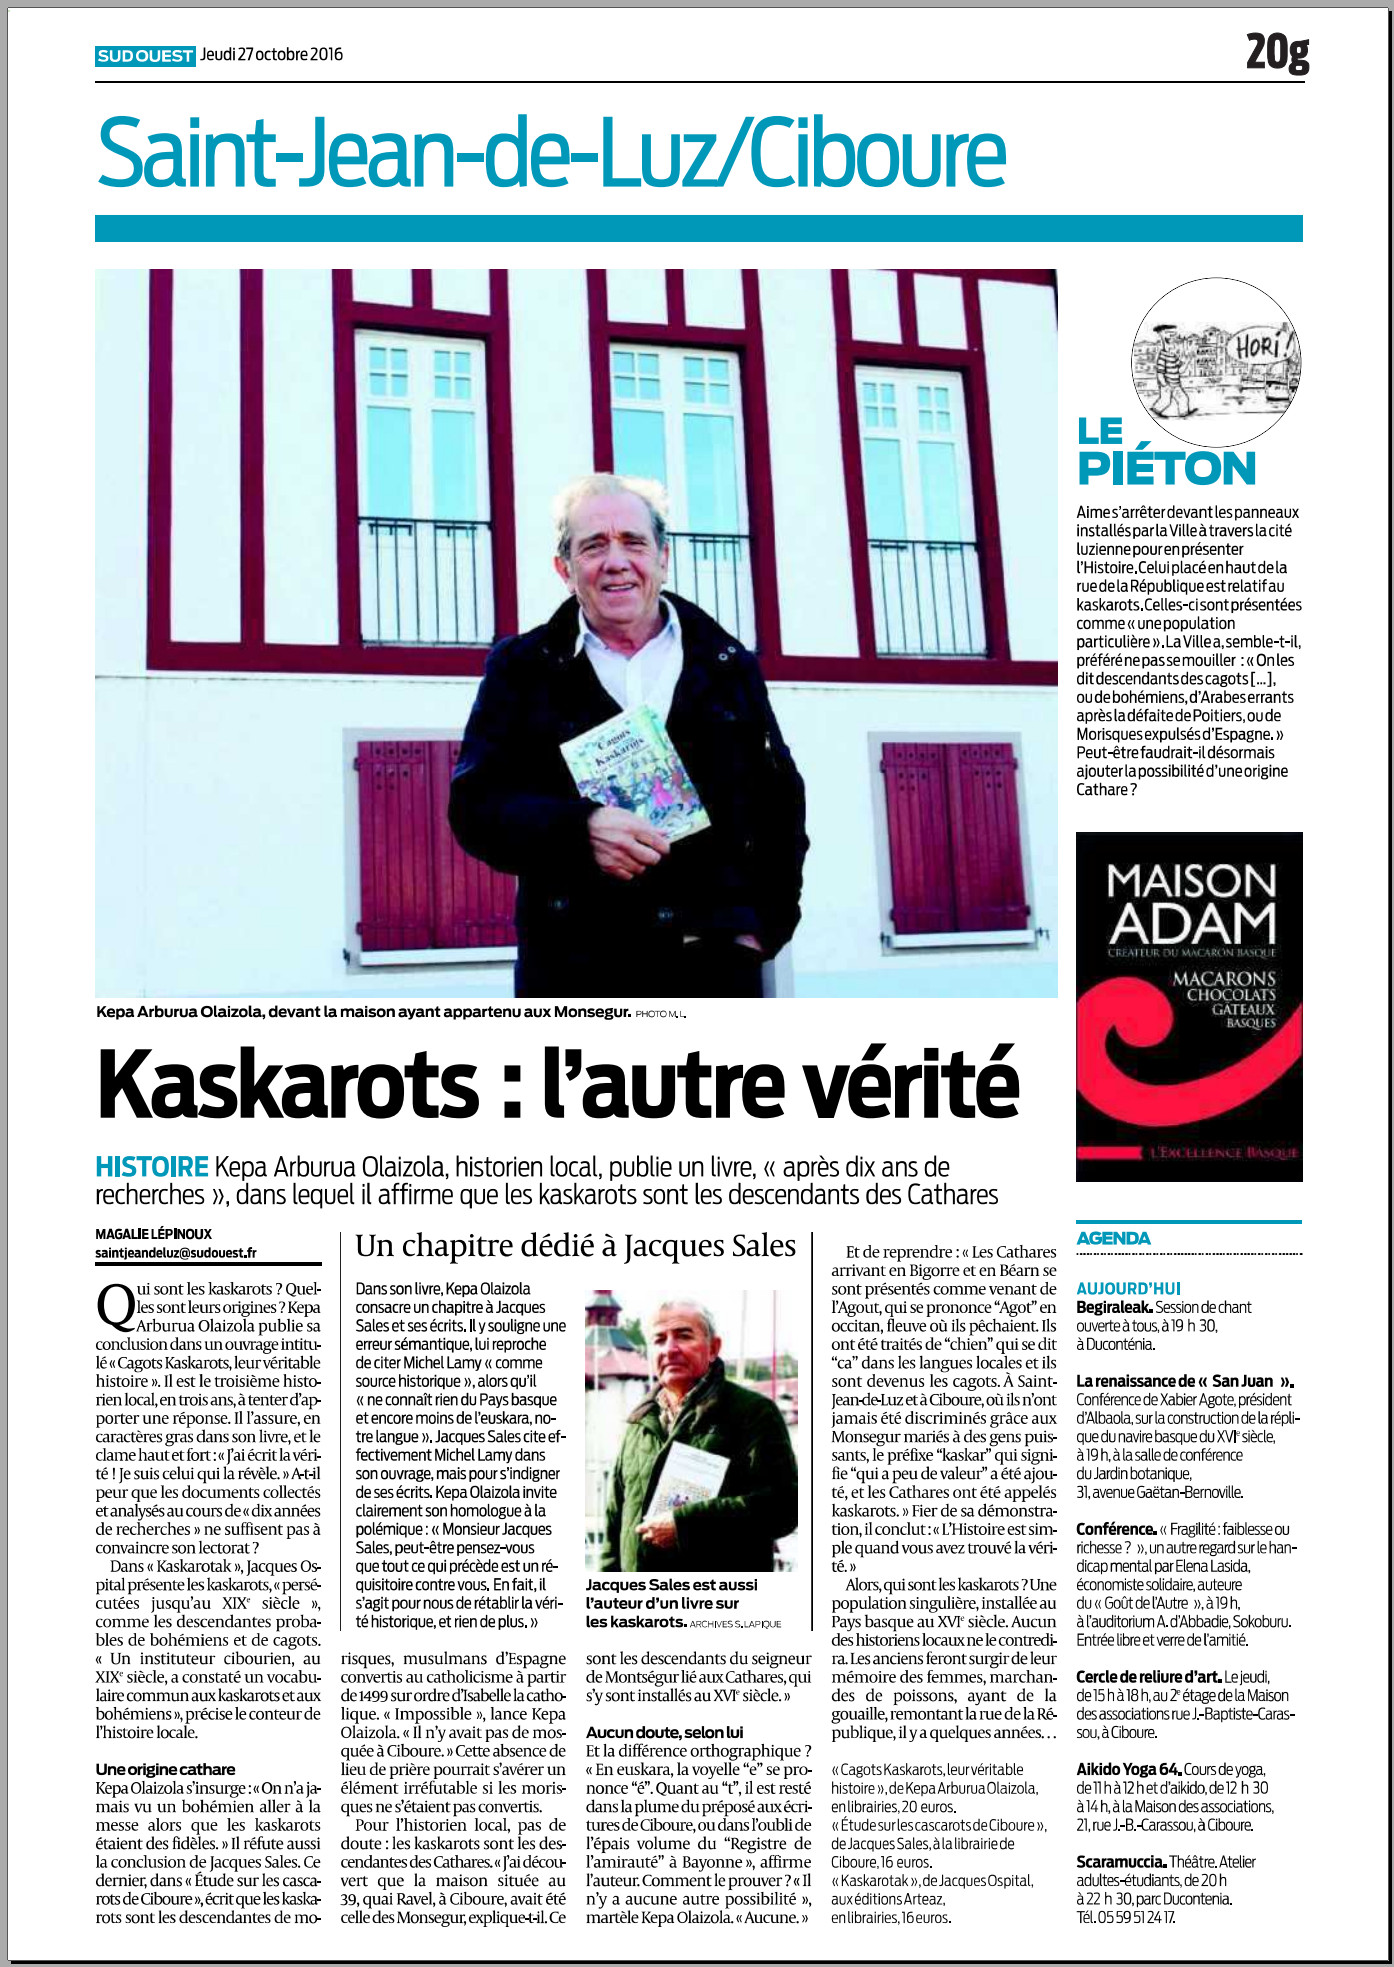 Cagots Kaskarots : leur véritable histoire, Sud Ouest Pays Basque 27 octobre 2016